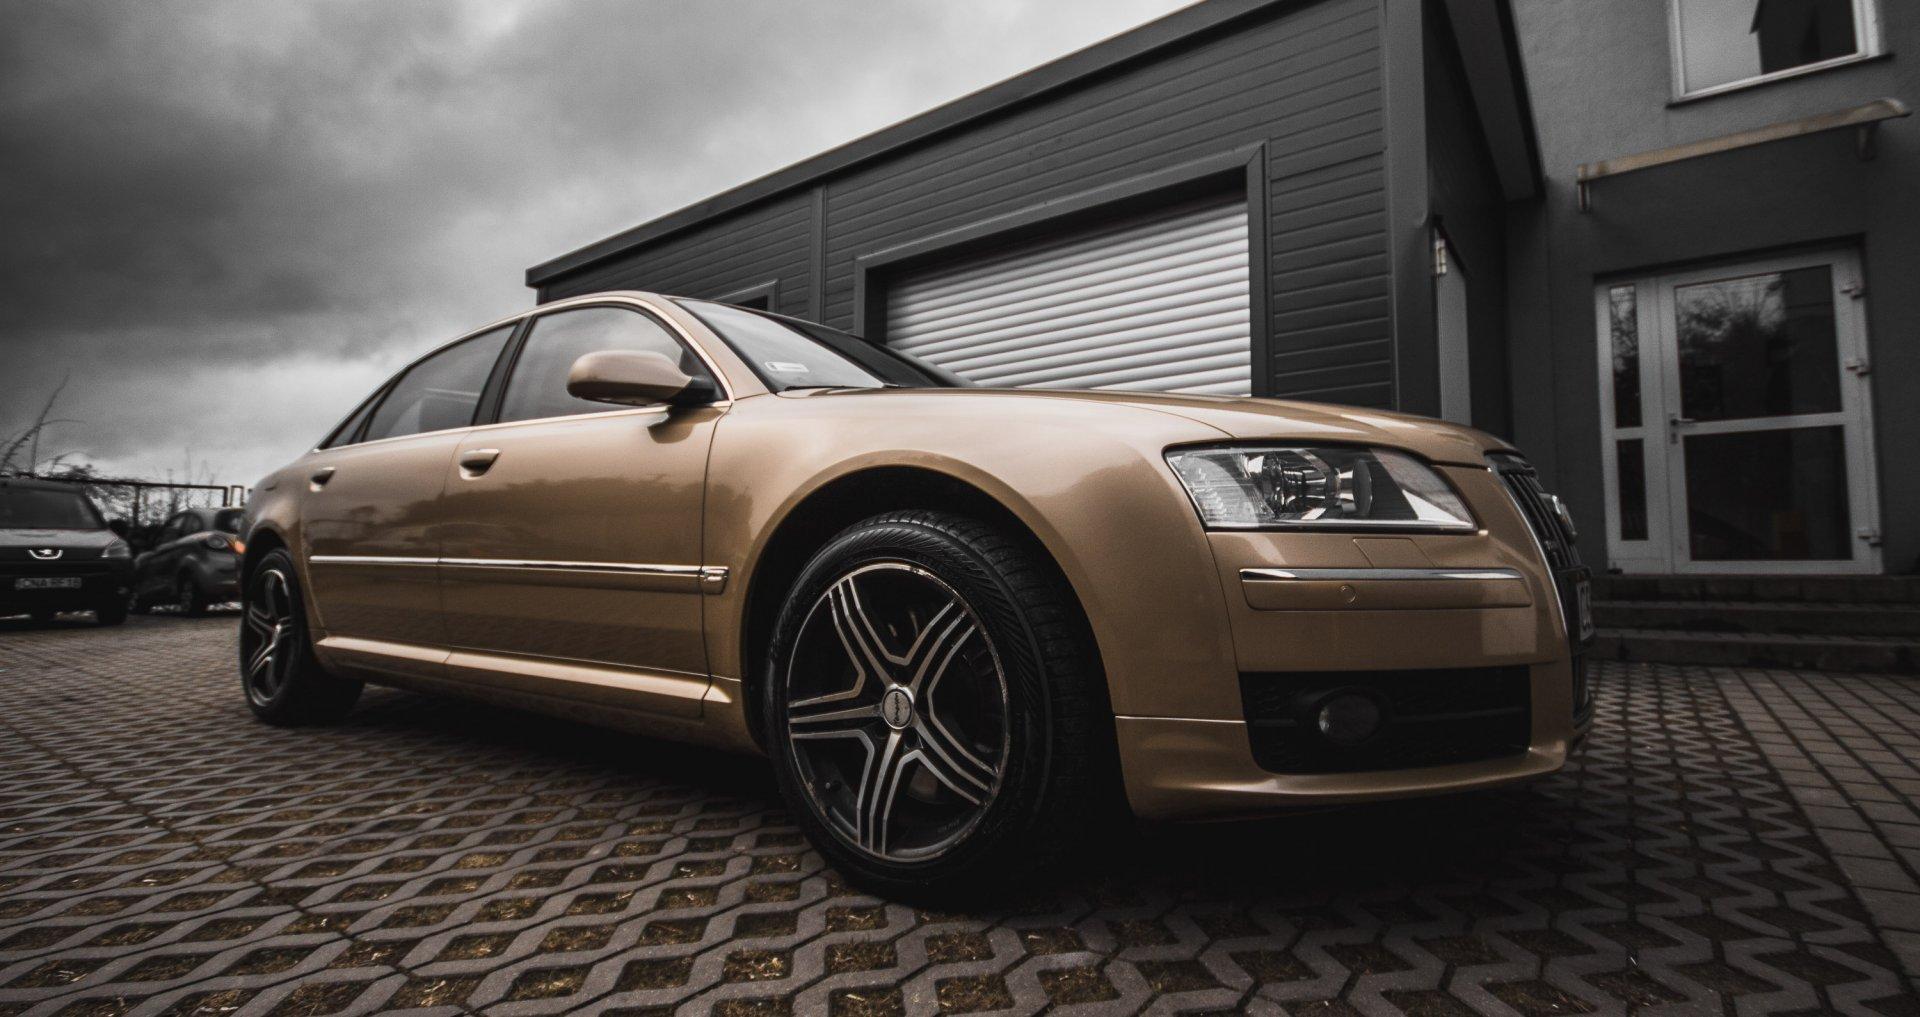 Audi przed Budynkiem Krucza 18